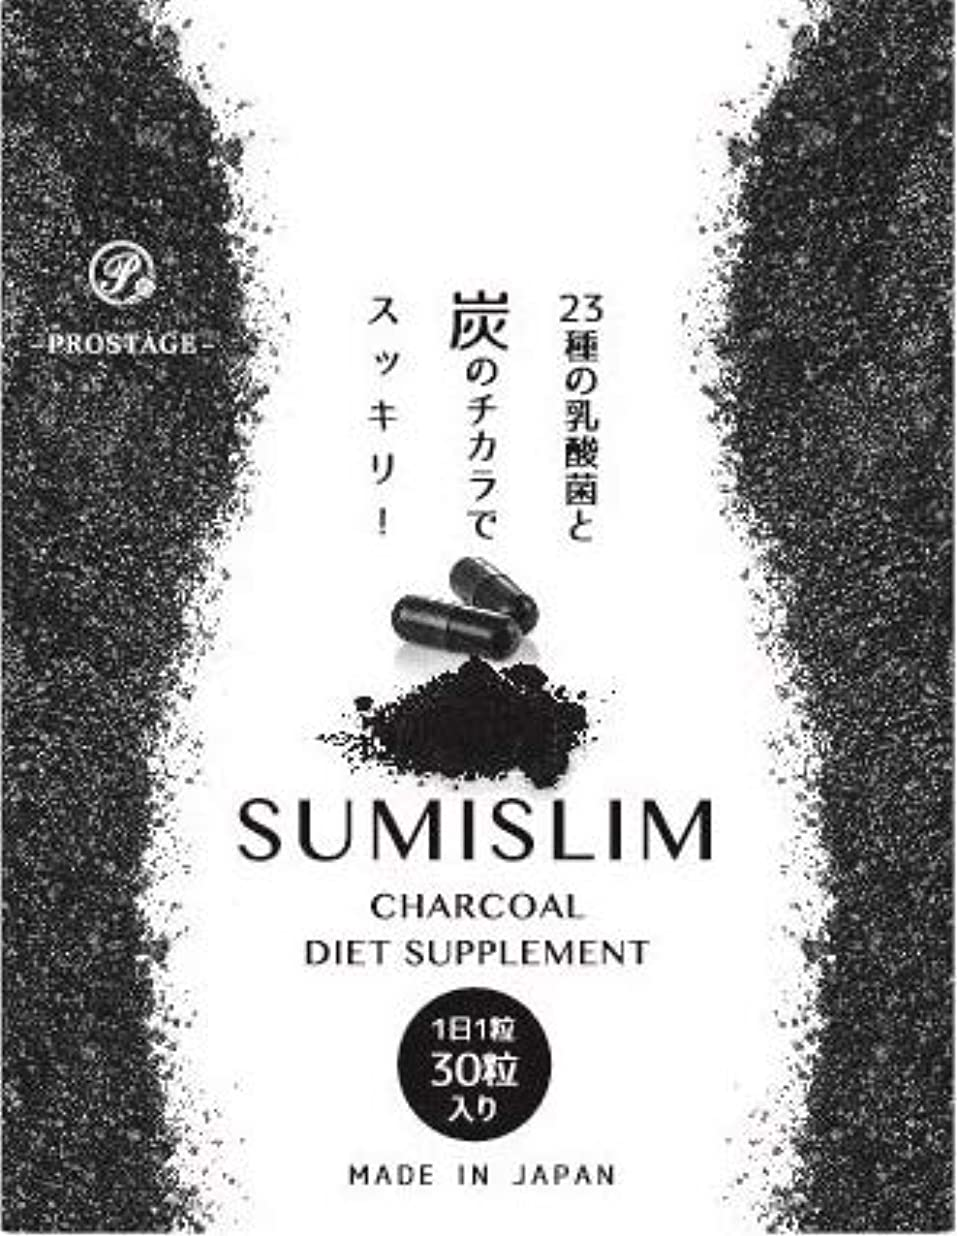 大西洋コメントバケット【 SUMI SLIM 】炭 ダイエット サプリメント チャコール クレンズ サプリ 国産炭 + 乳酸菌 スミ スリム 30日分